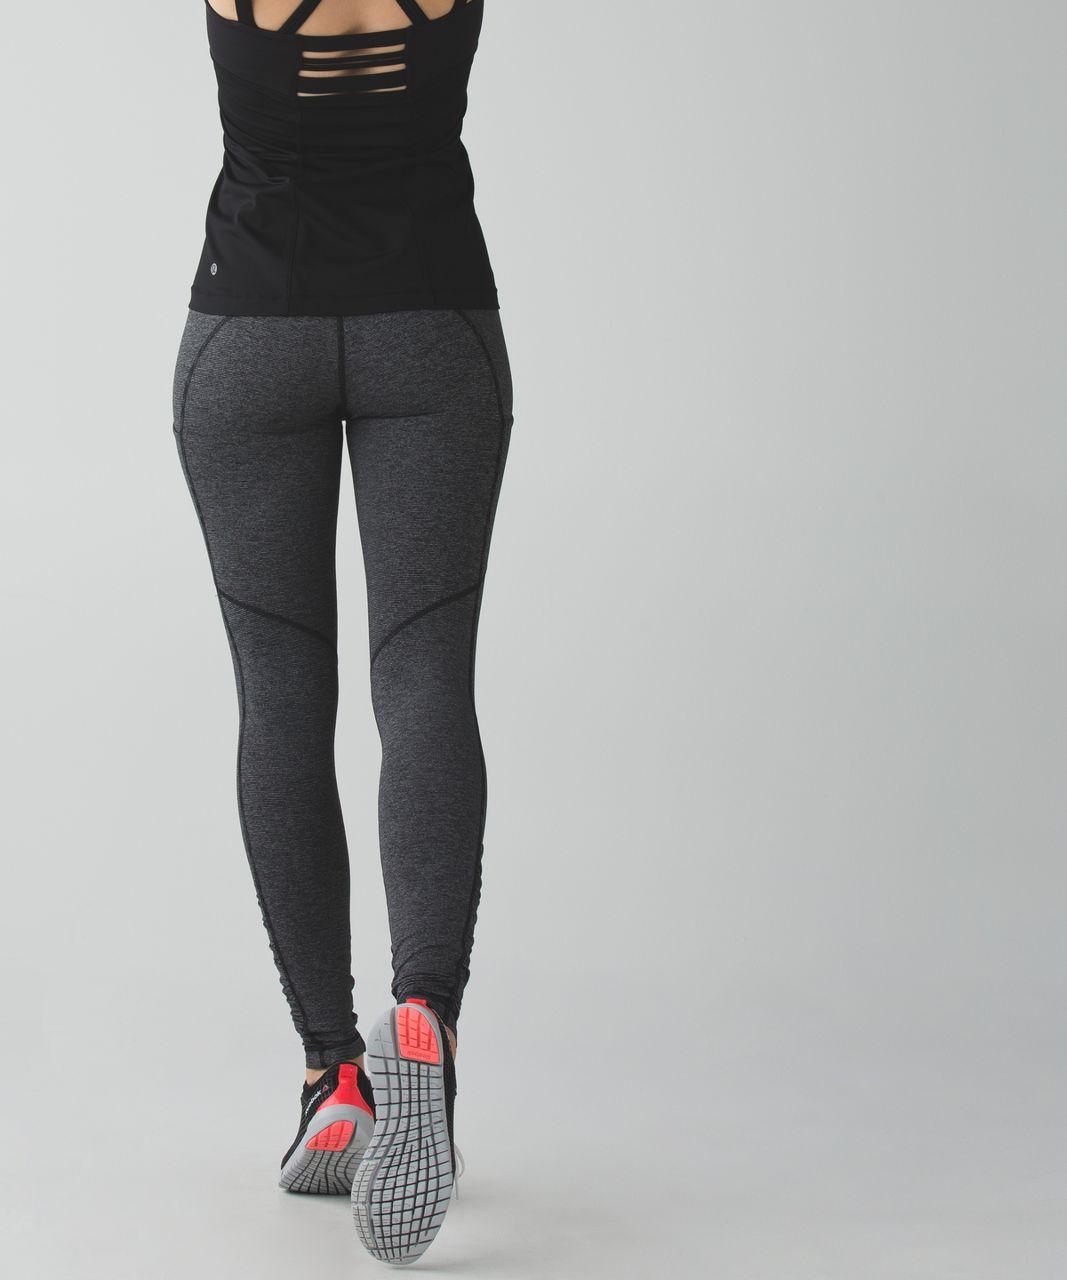 Lululemon Speed Tight IV - Wee Stripe Black Heathered Black / Black / Heathered Black